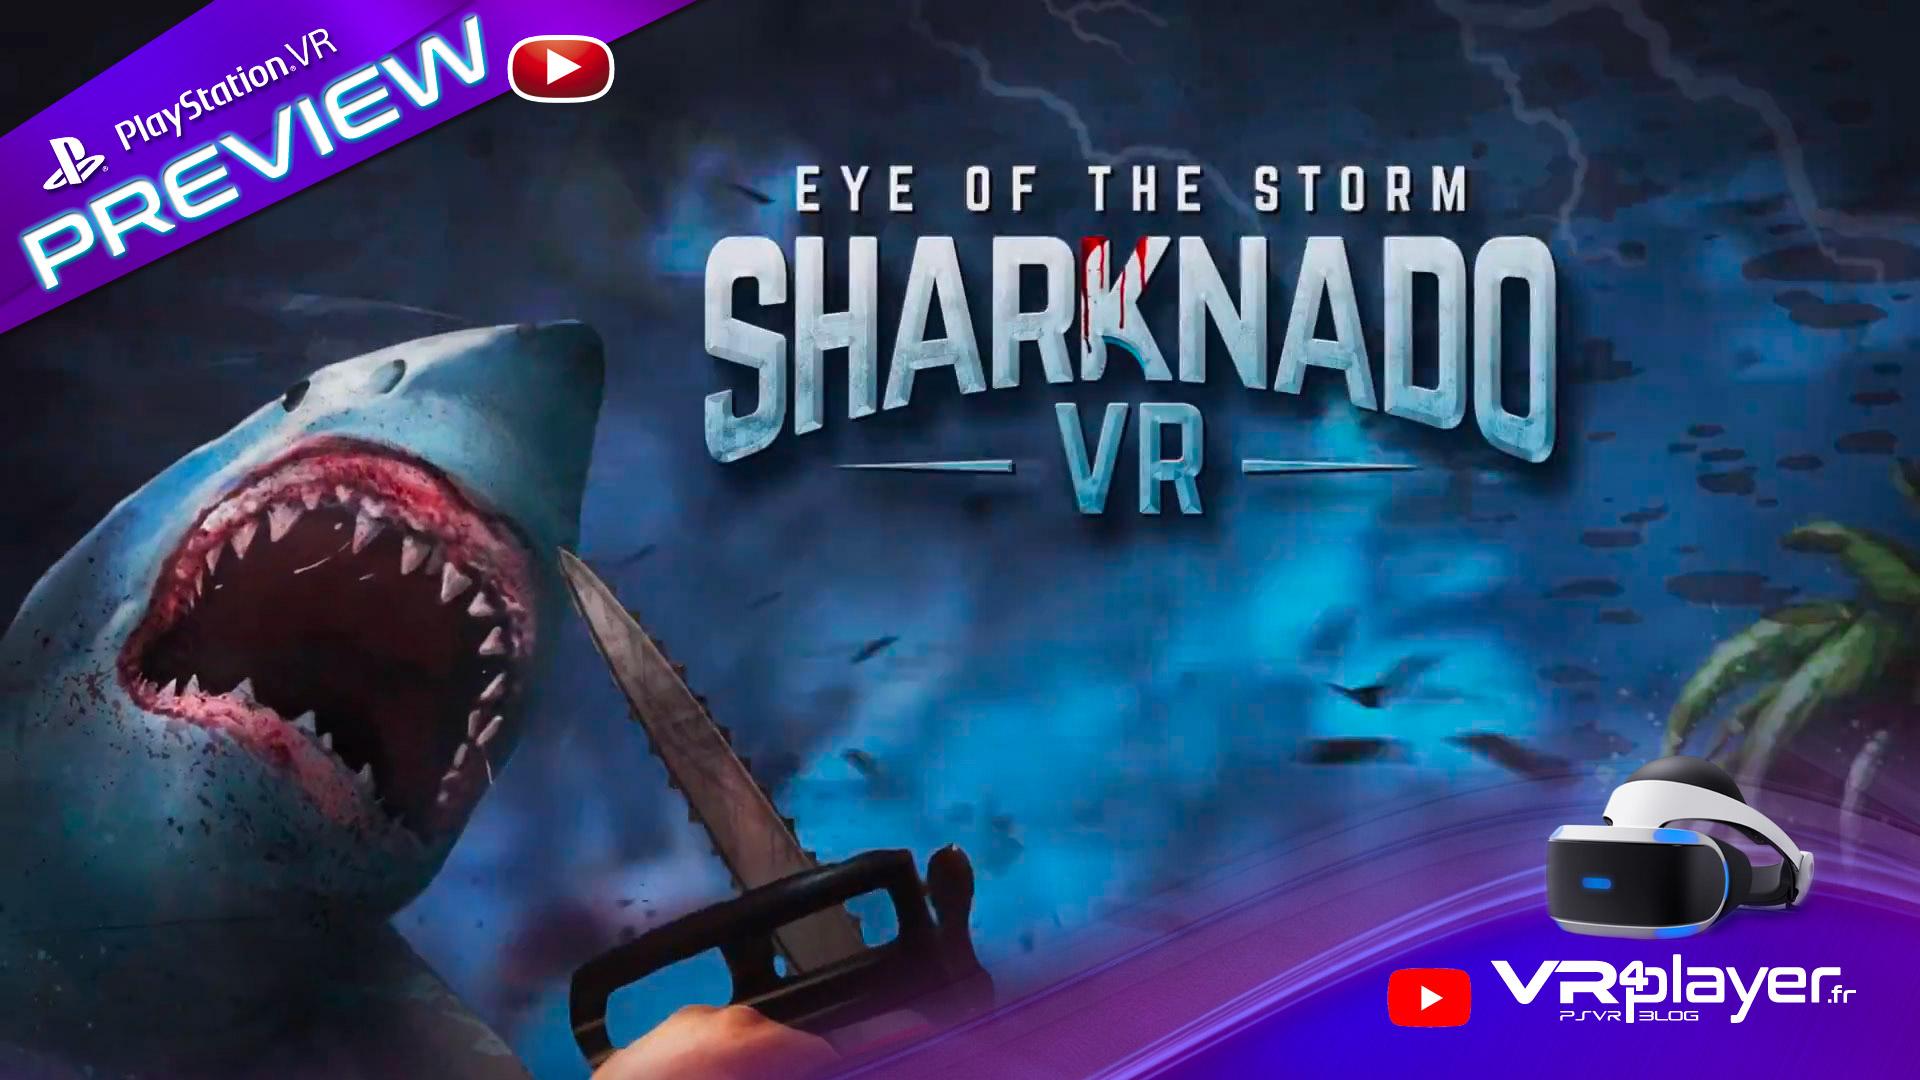 Sharknado VR en preview avant sa sortie PSVR - vr4player.fr